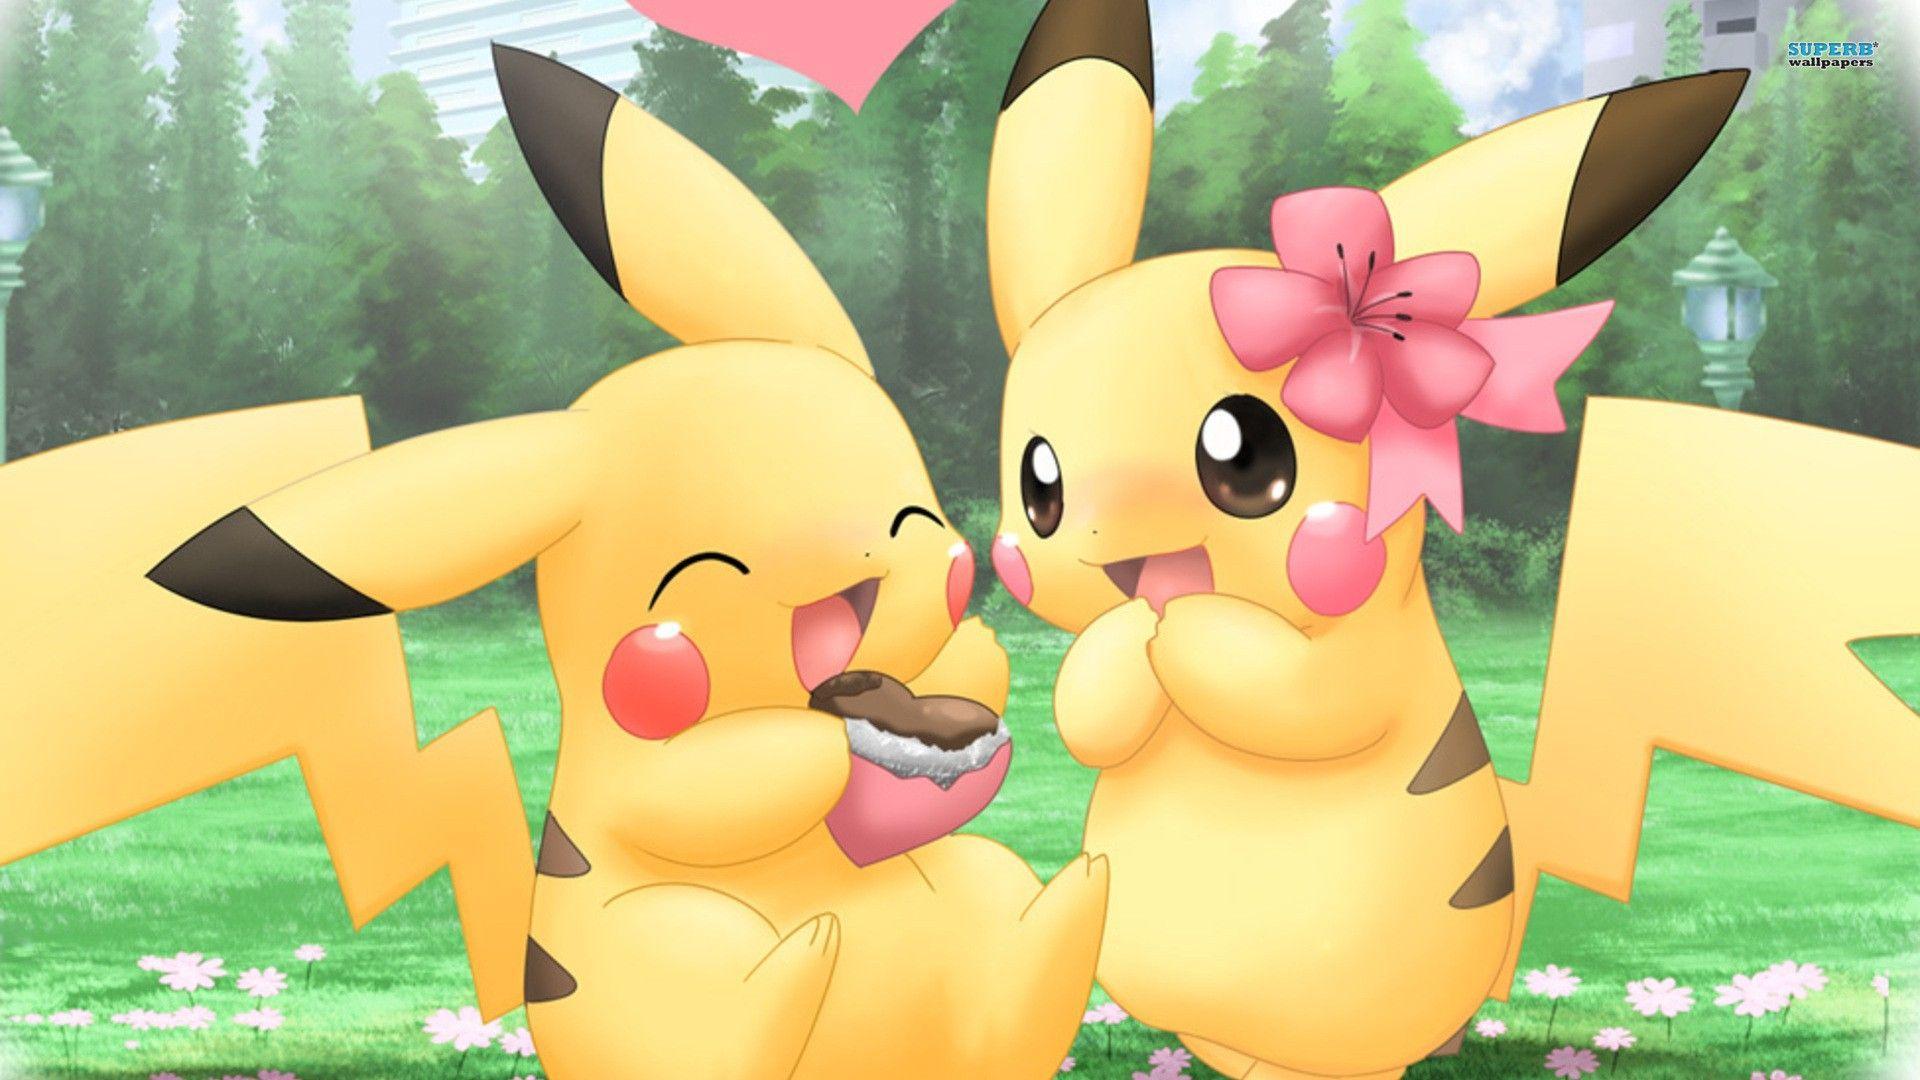 1920x1080 Pikachu Hoạt hình Dễ thương Hình nền 1080p